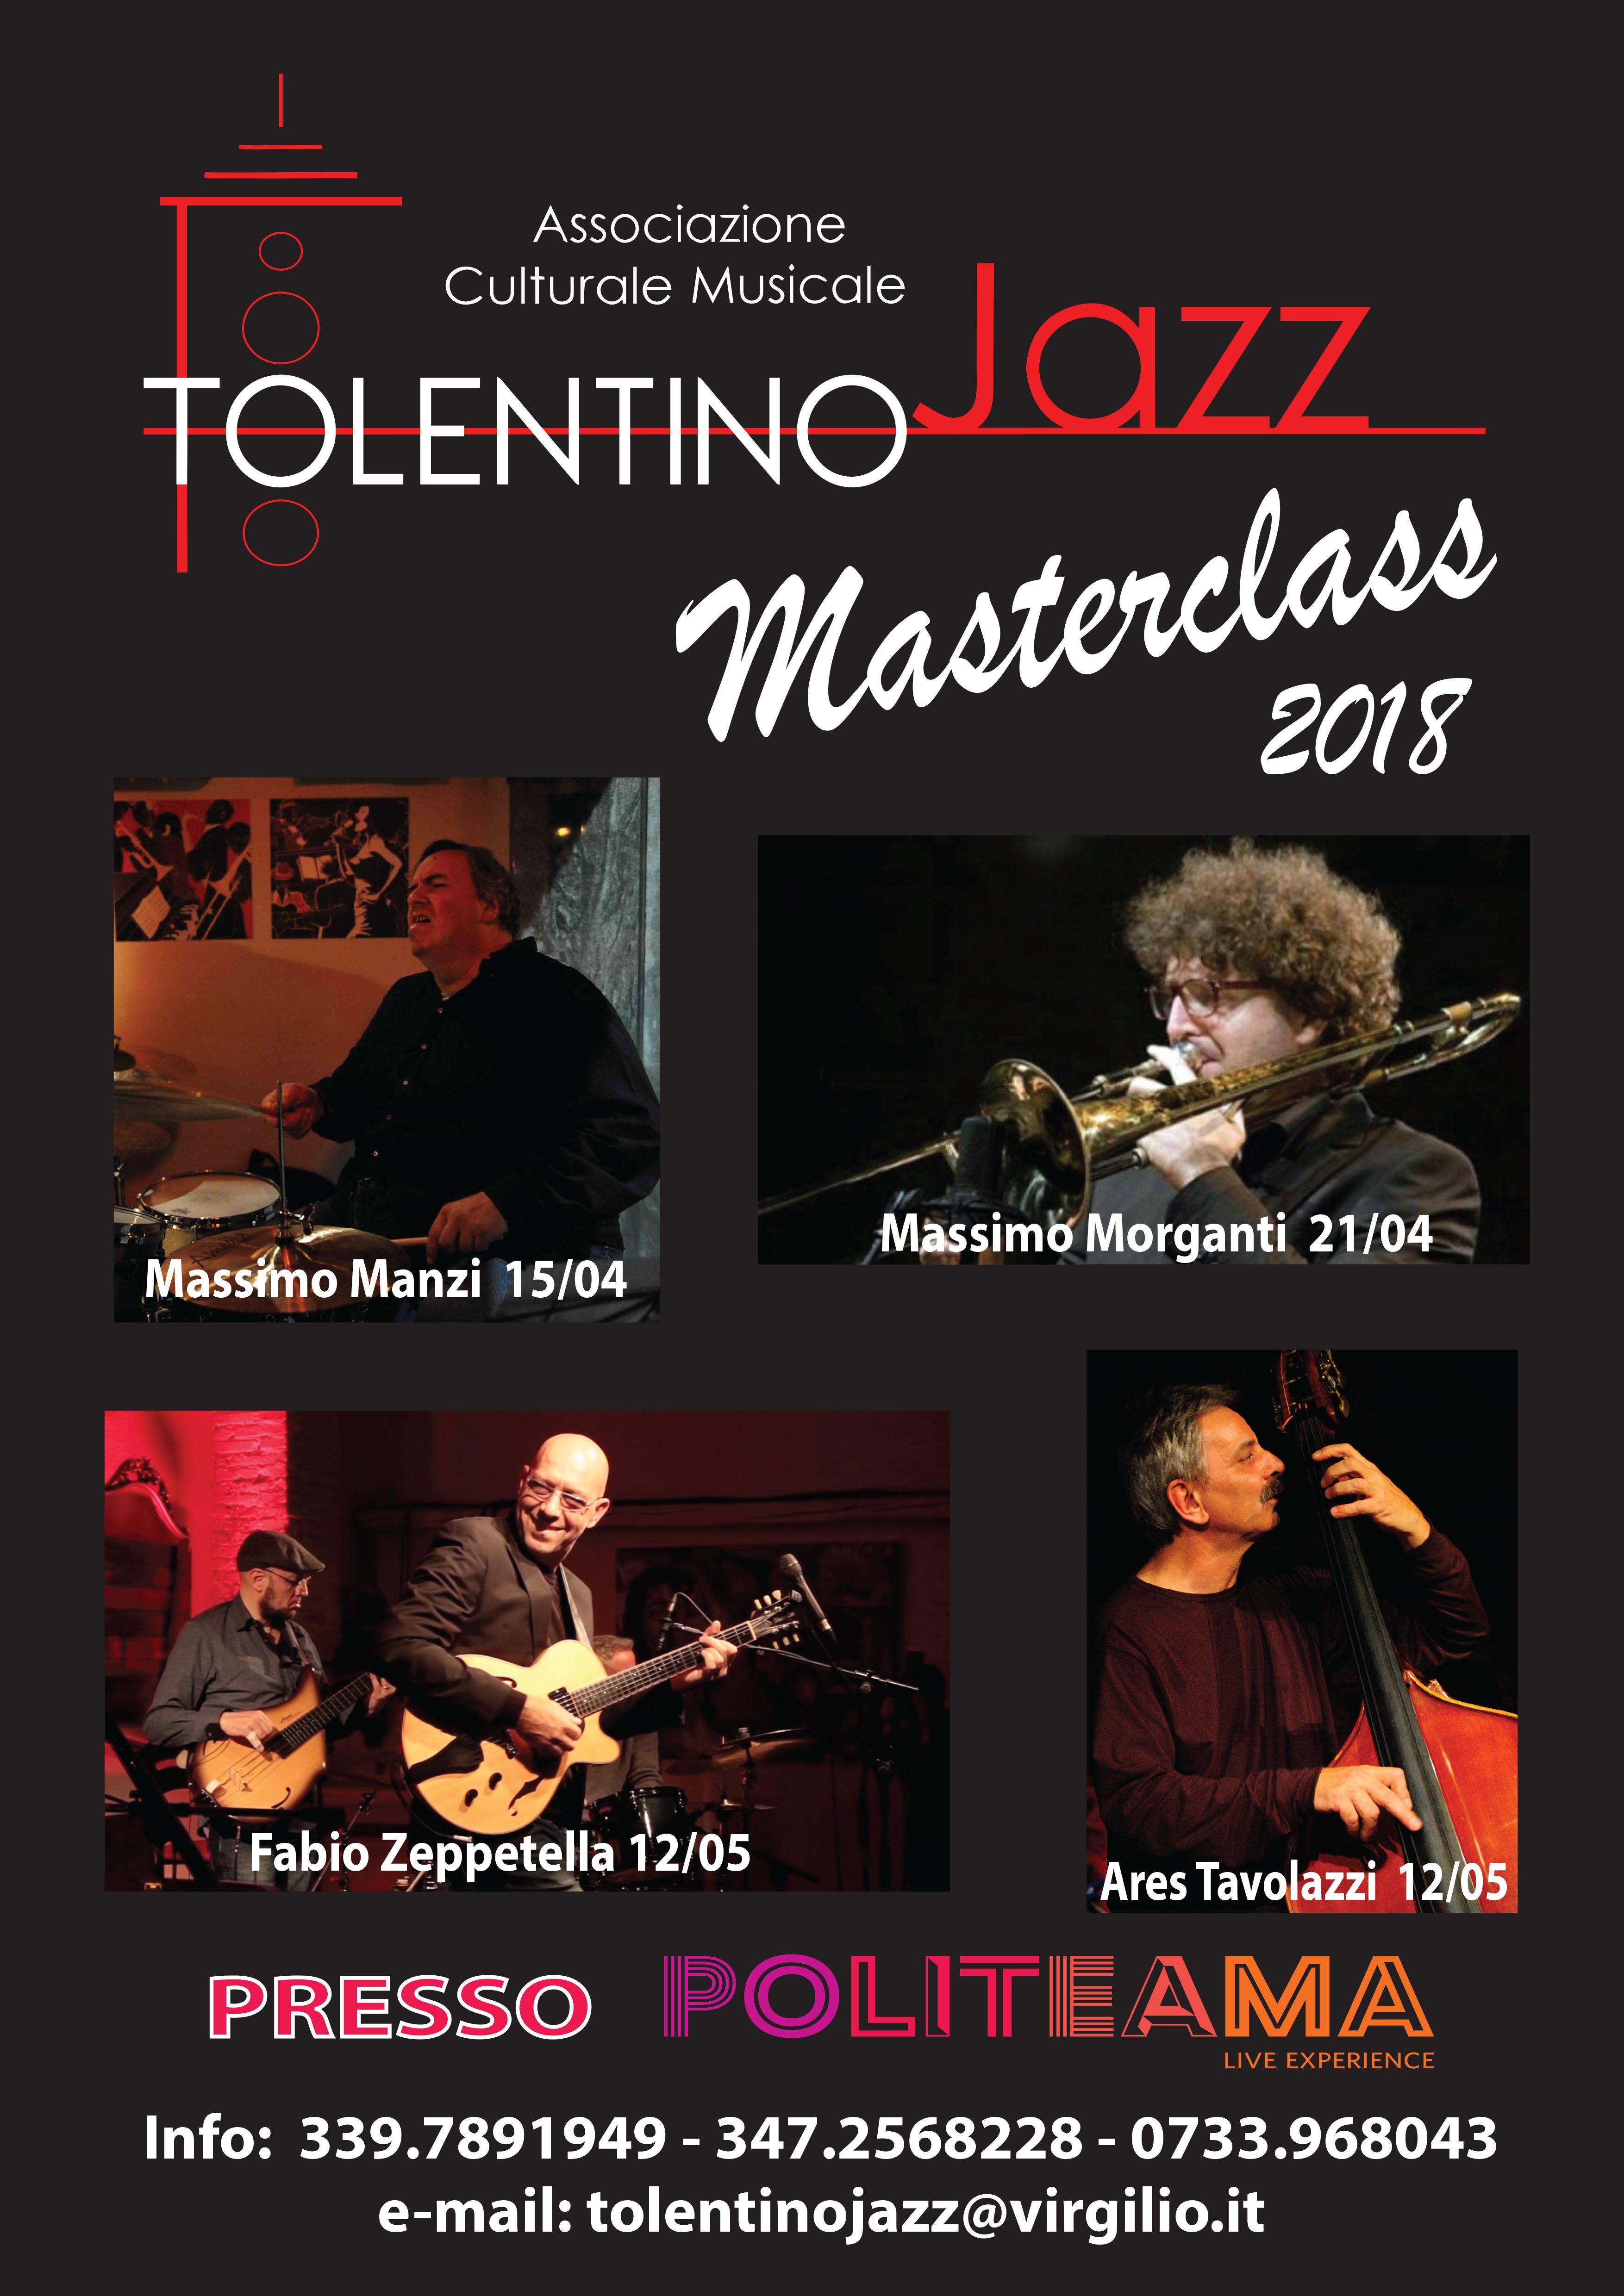 Locandina-jazz-defin-1